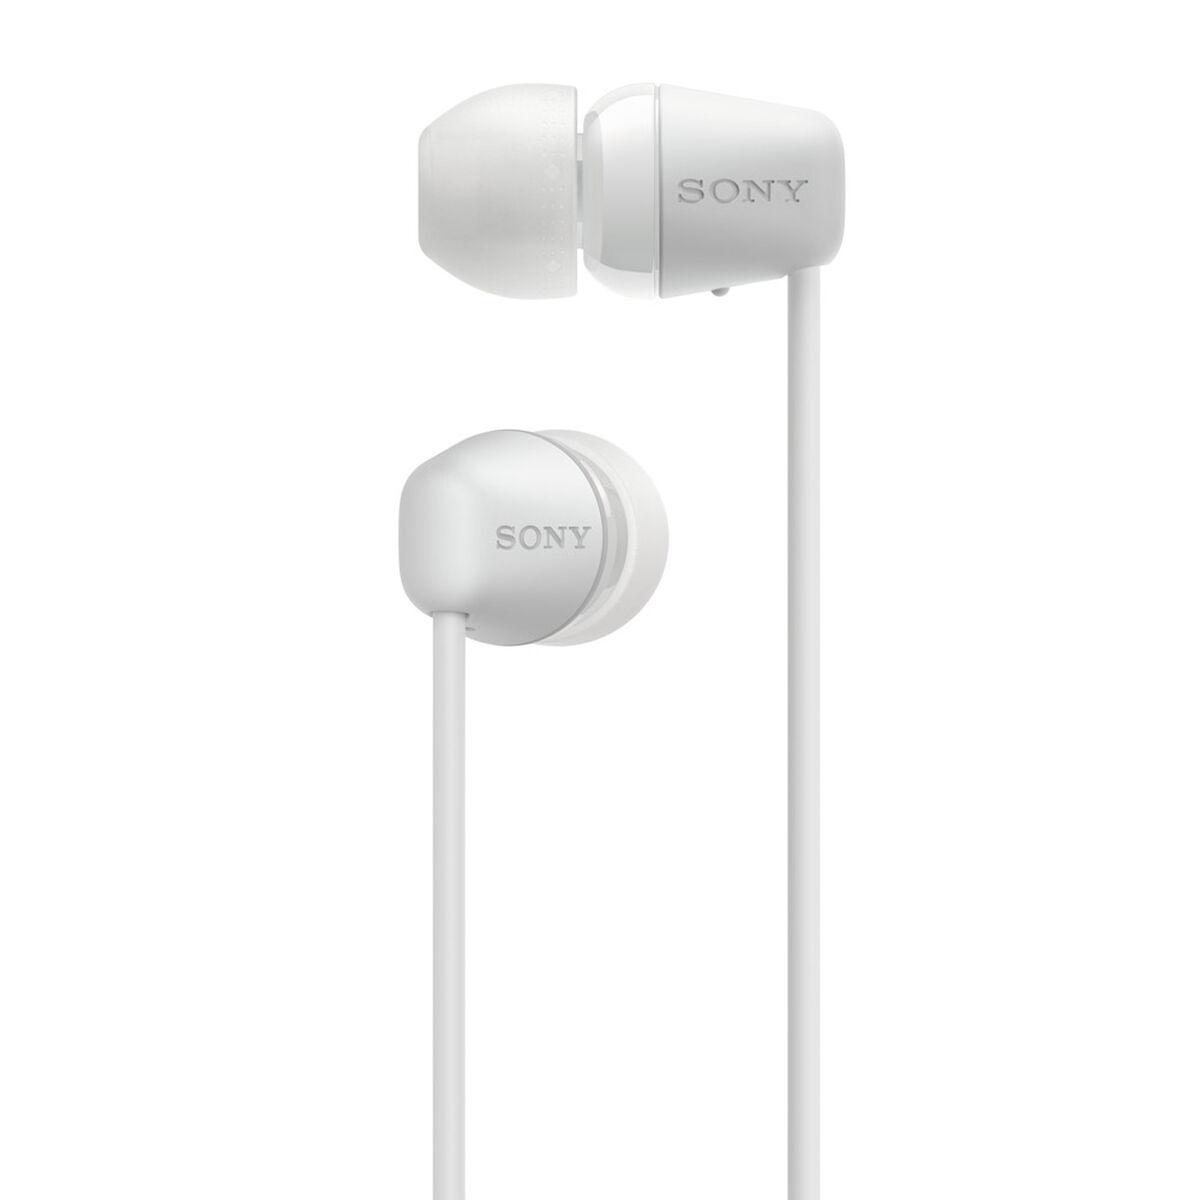 Audífonos In Ear Bluetooth Sony WI-C200